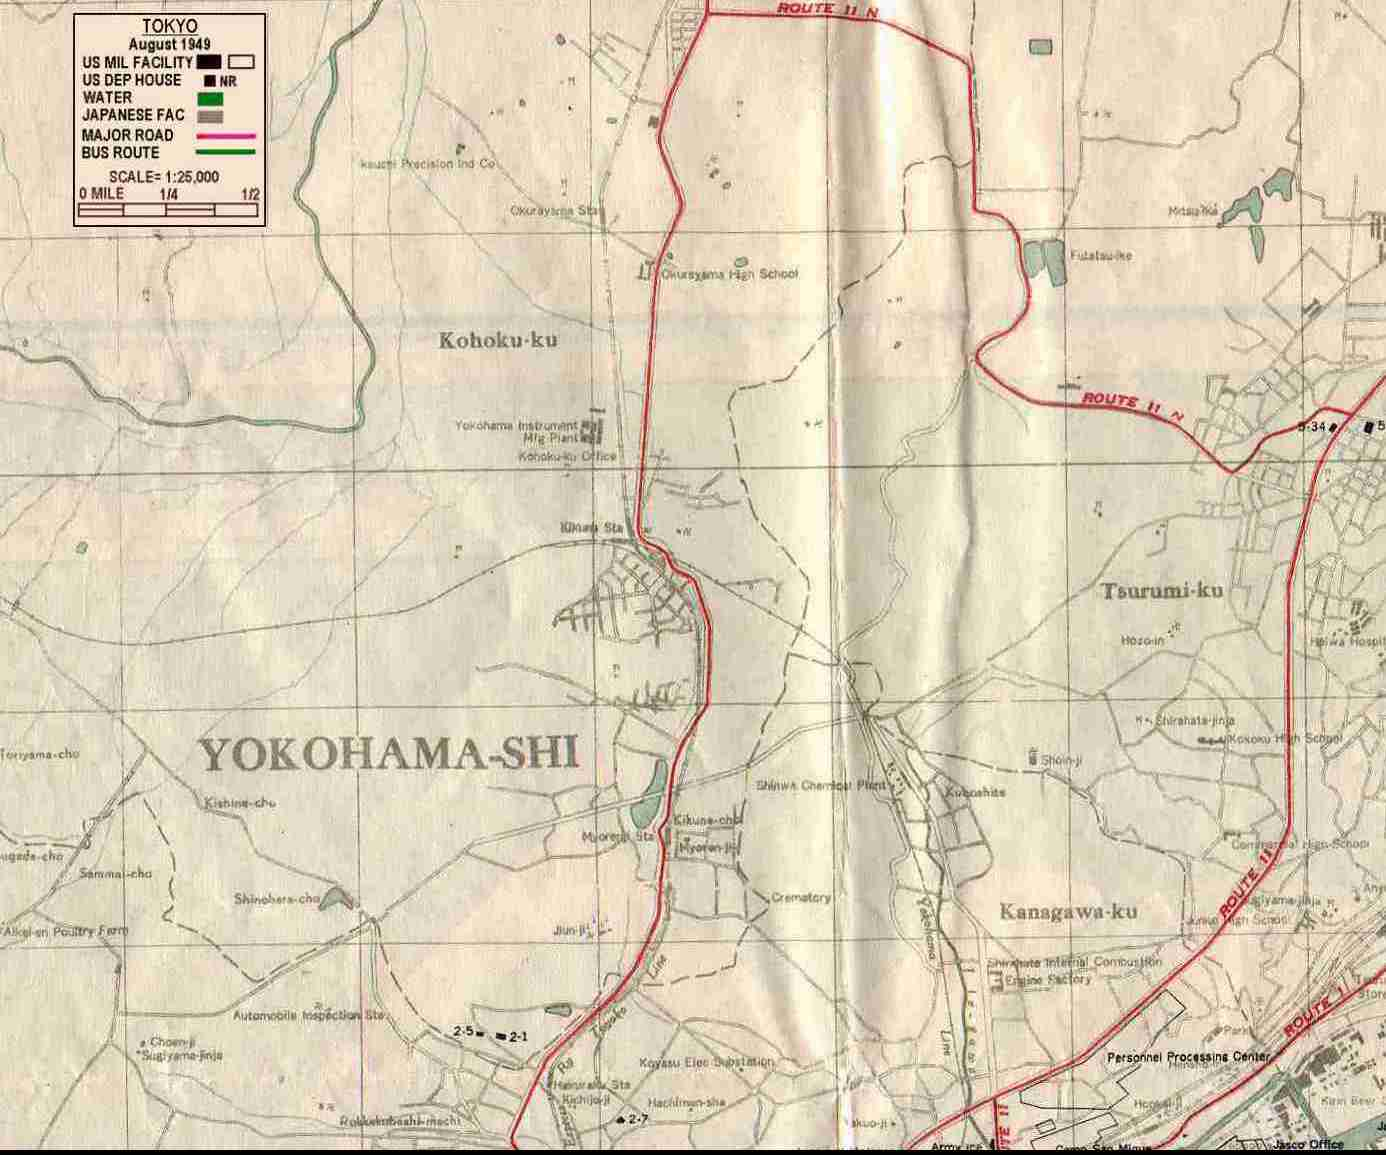 MORE MAPS - Japan map yokohama tokyo